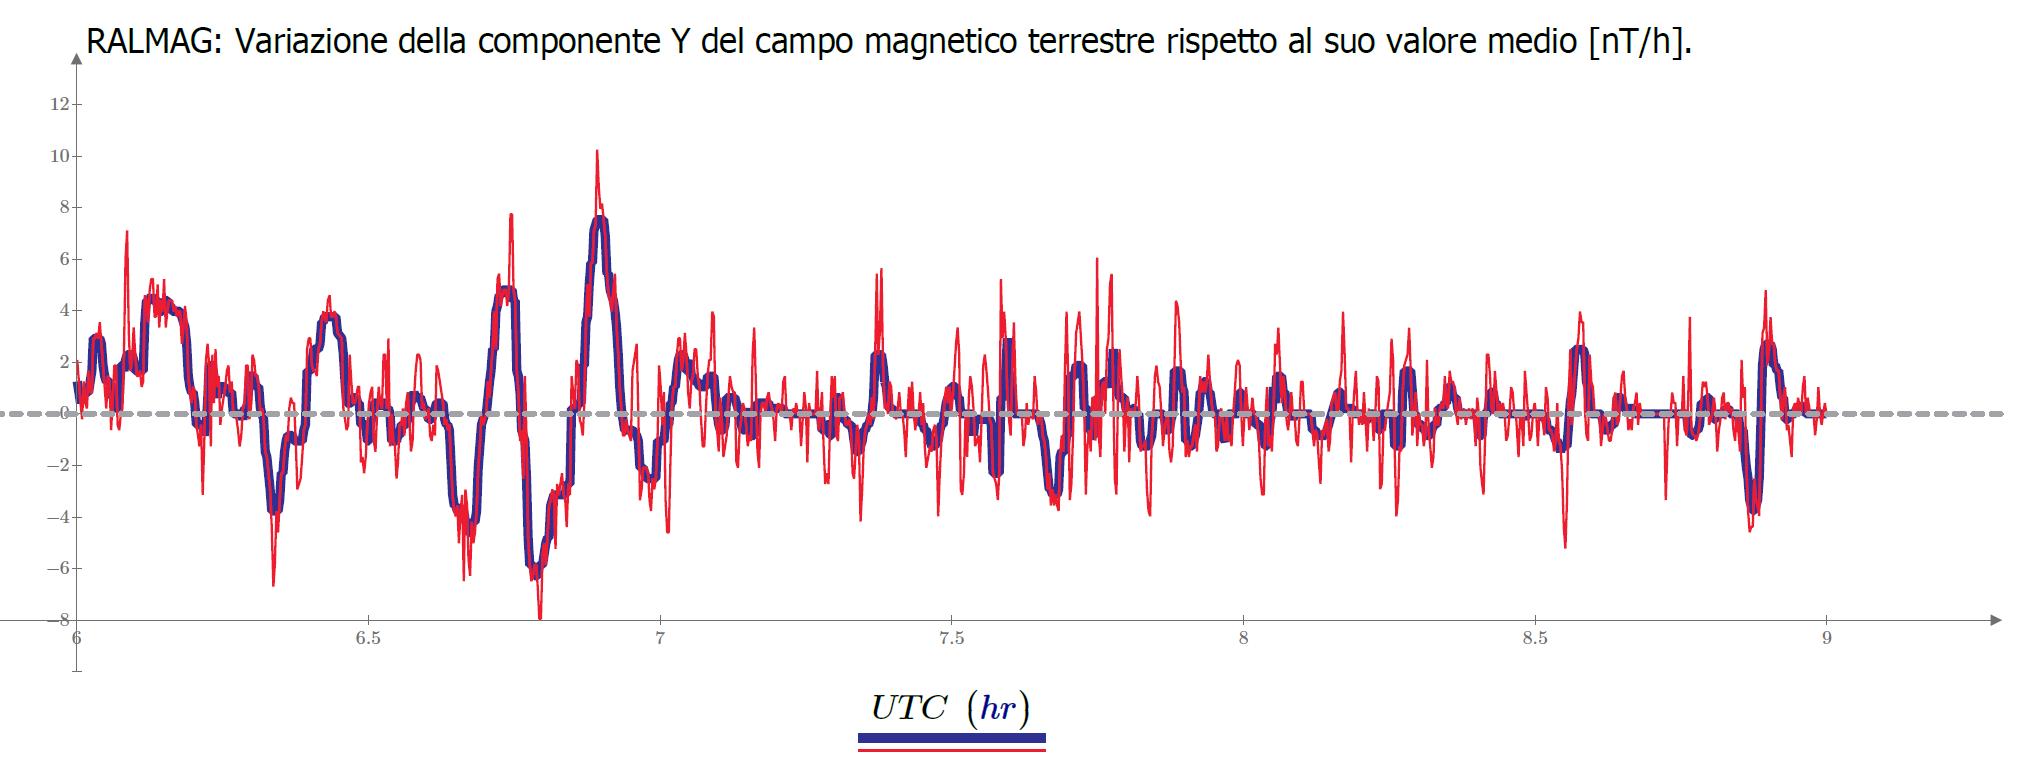 """Variazioni della componente orizzontale Y del campo magnetico terrestre (Est-Ovest) registrate il 23 giugno dal magnetometro fluxgate RALMAG (<a href=""""https://blog.radioastrolab.com/sole-e-geomagnetismo/"""">RadioAstroLab</a> &amp; <a href=""""https://www.facebook.com/groups/108284572529043/"""">Osservatorio Astronomico """"Copernico""""</a>): nelle prime ore del mattino si vedono le pulsazioni continue del campo associate all'anomalia magnetica globale."""